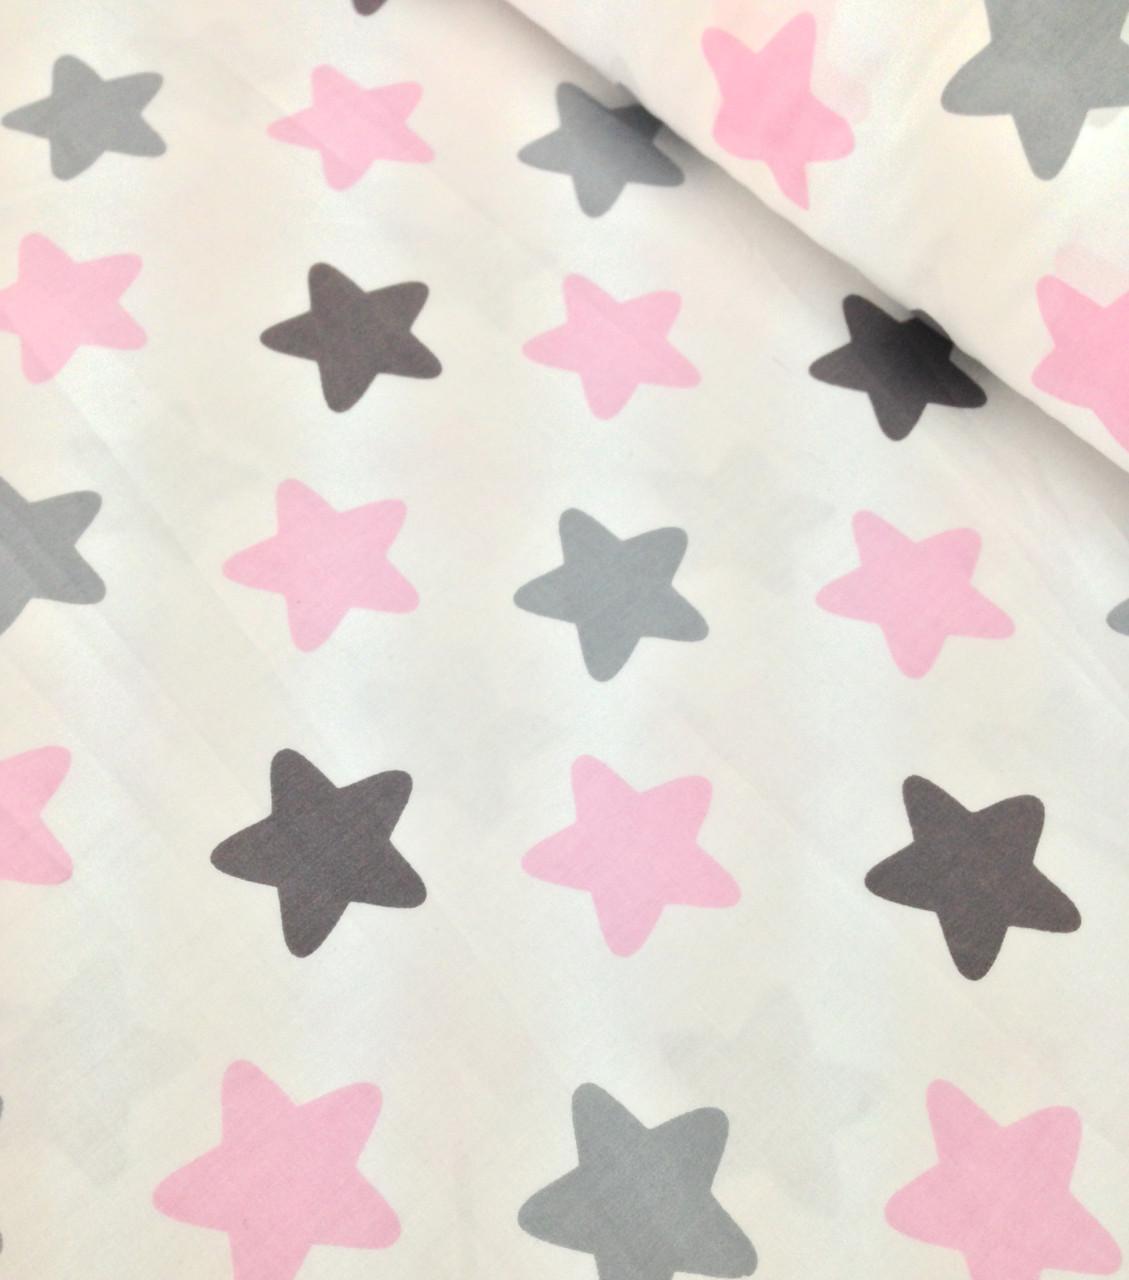 Хлопковая ткань звезды серо-розово-графитовые на белом